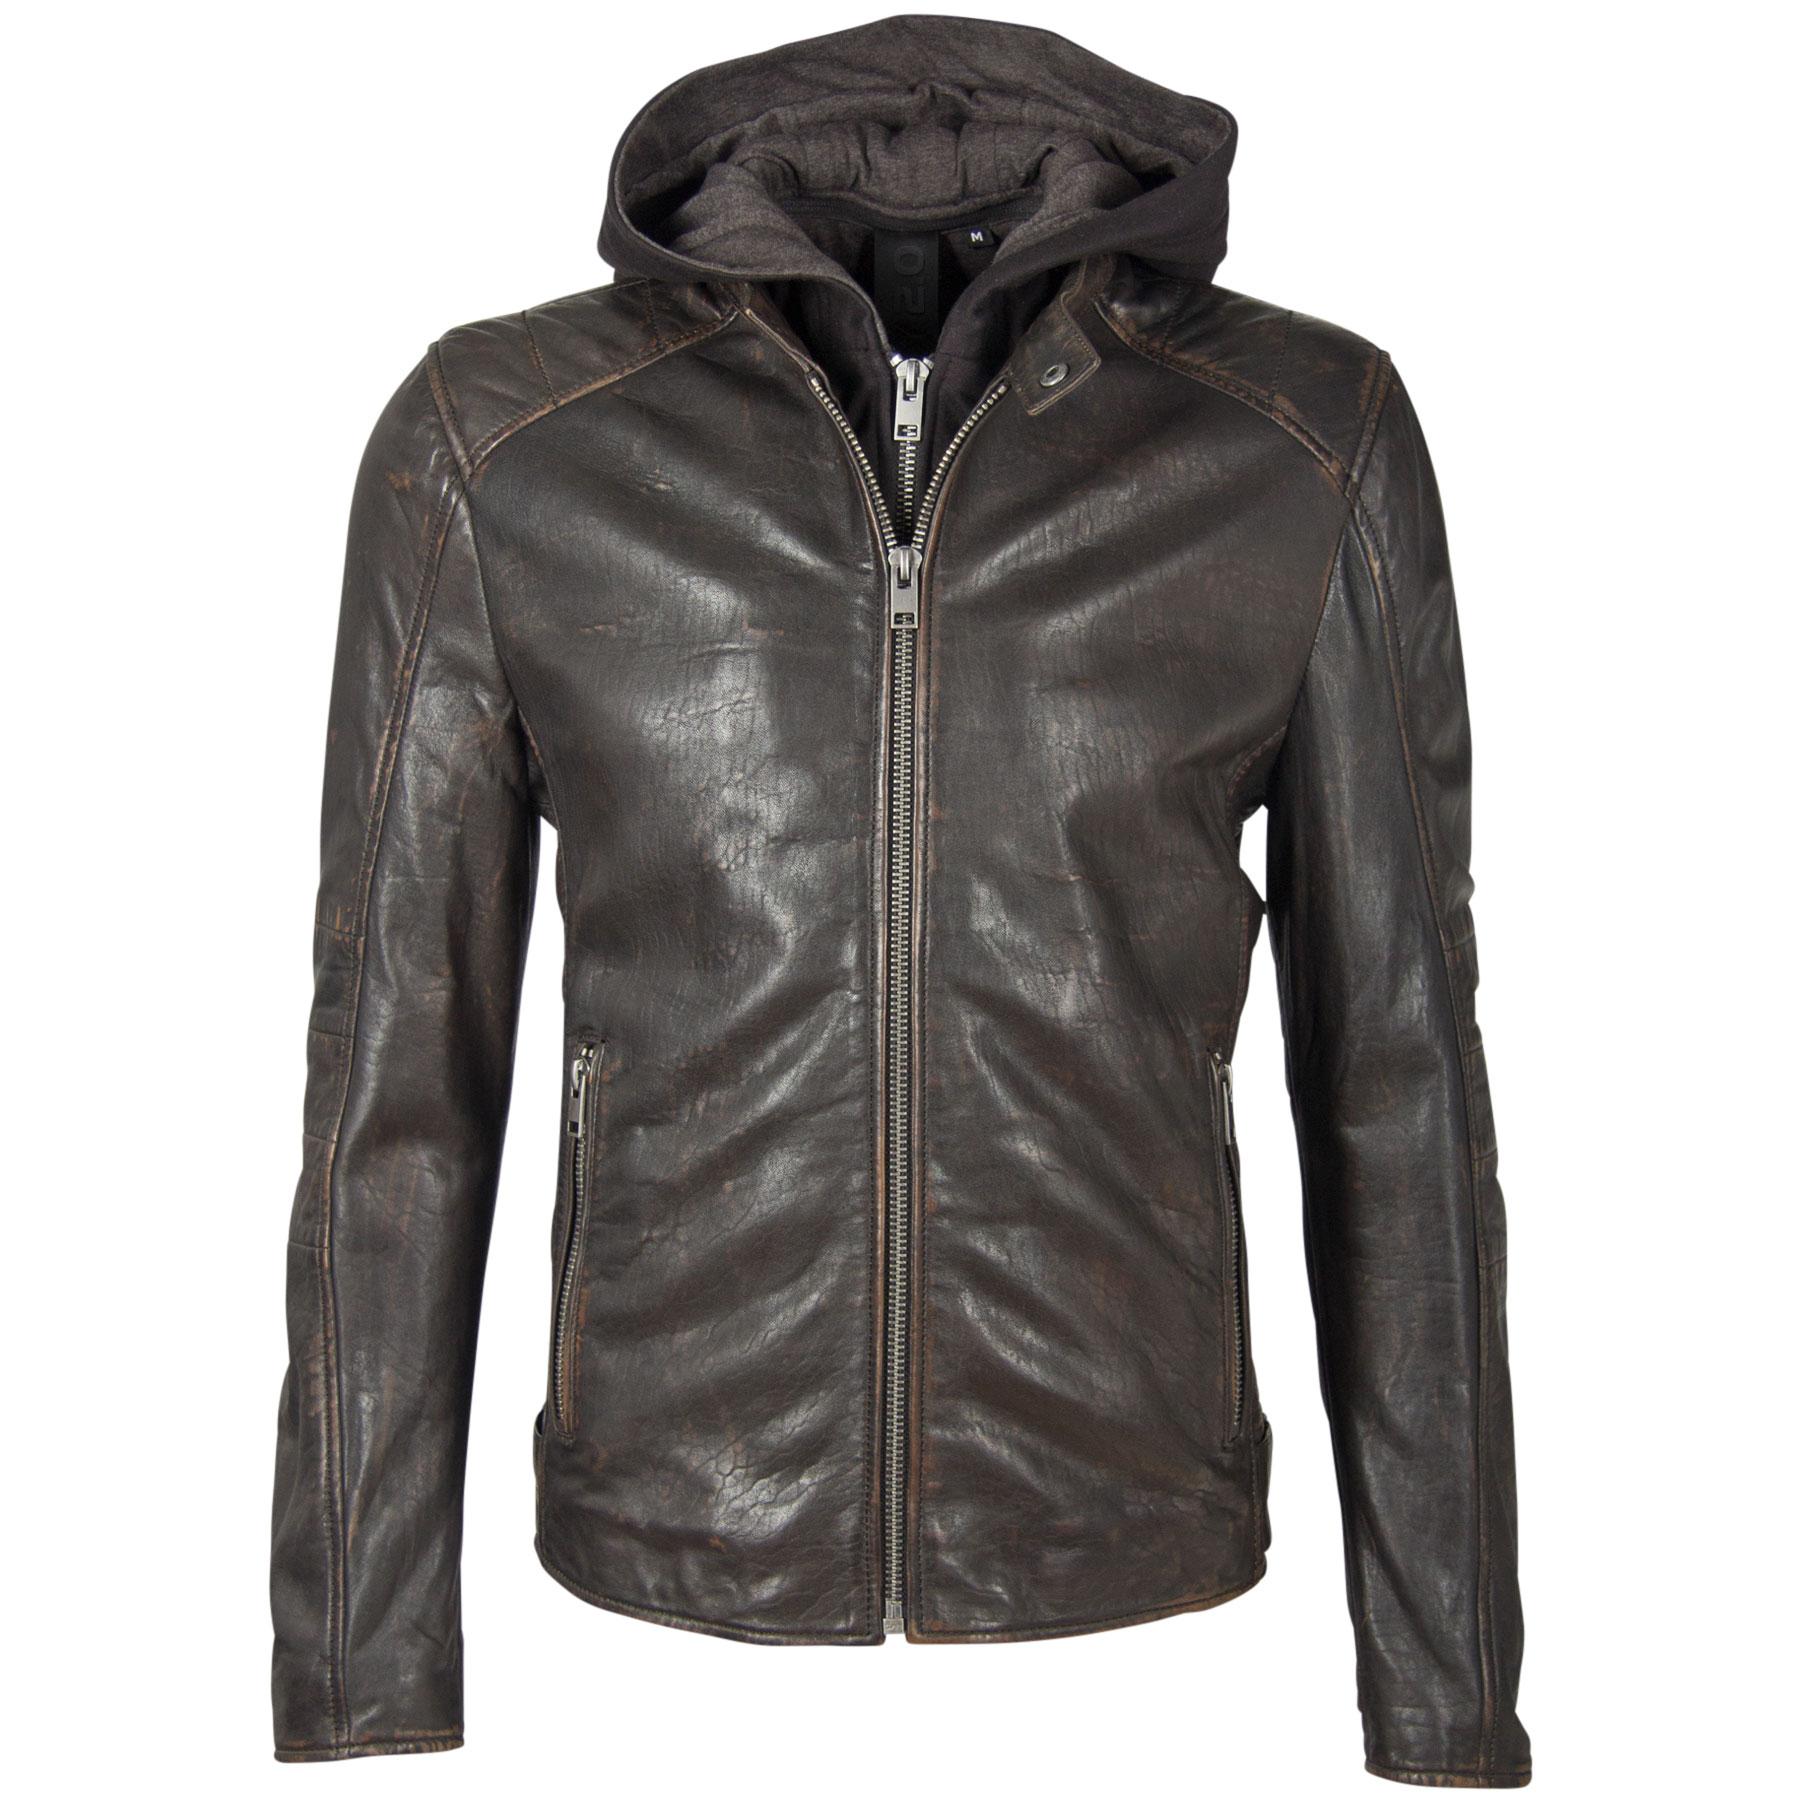 Bild zu Tara-M: 25% Rabatt auf bereits reduzierte Jacken, so z.B.: Gipsy GBFalk NSLV Navy für 78,74€ (Vergleich: 105,99€)